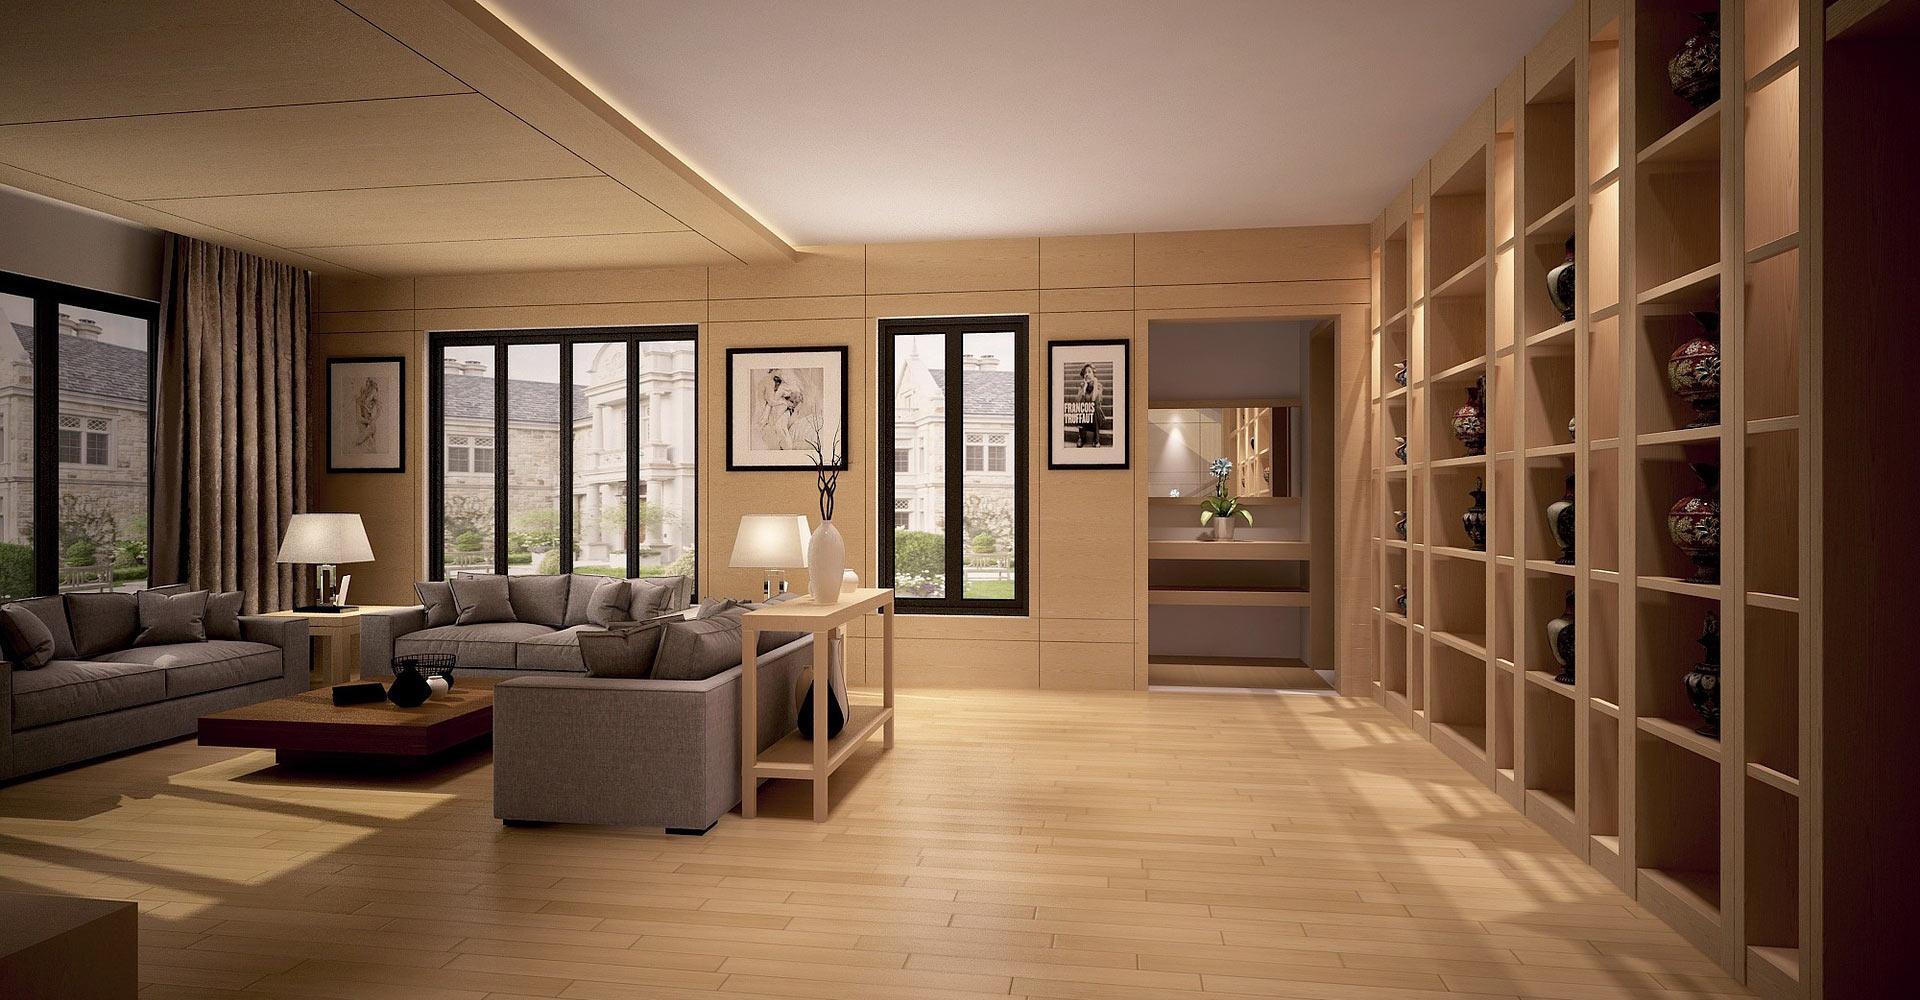 leave-room-825316_1920